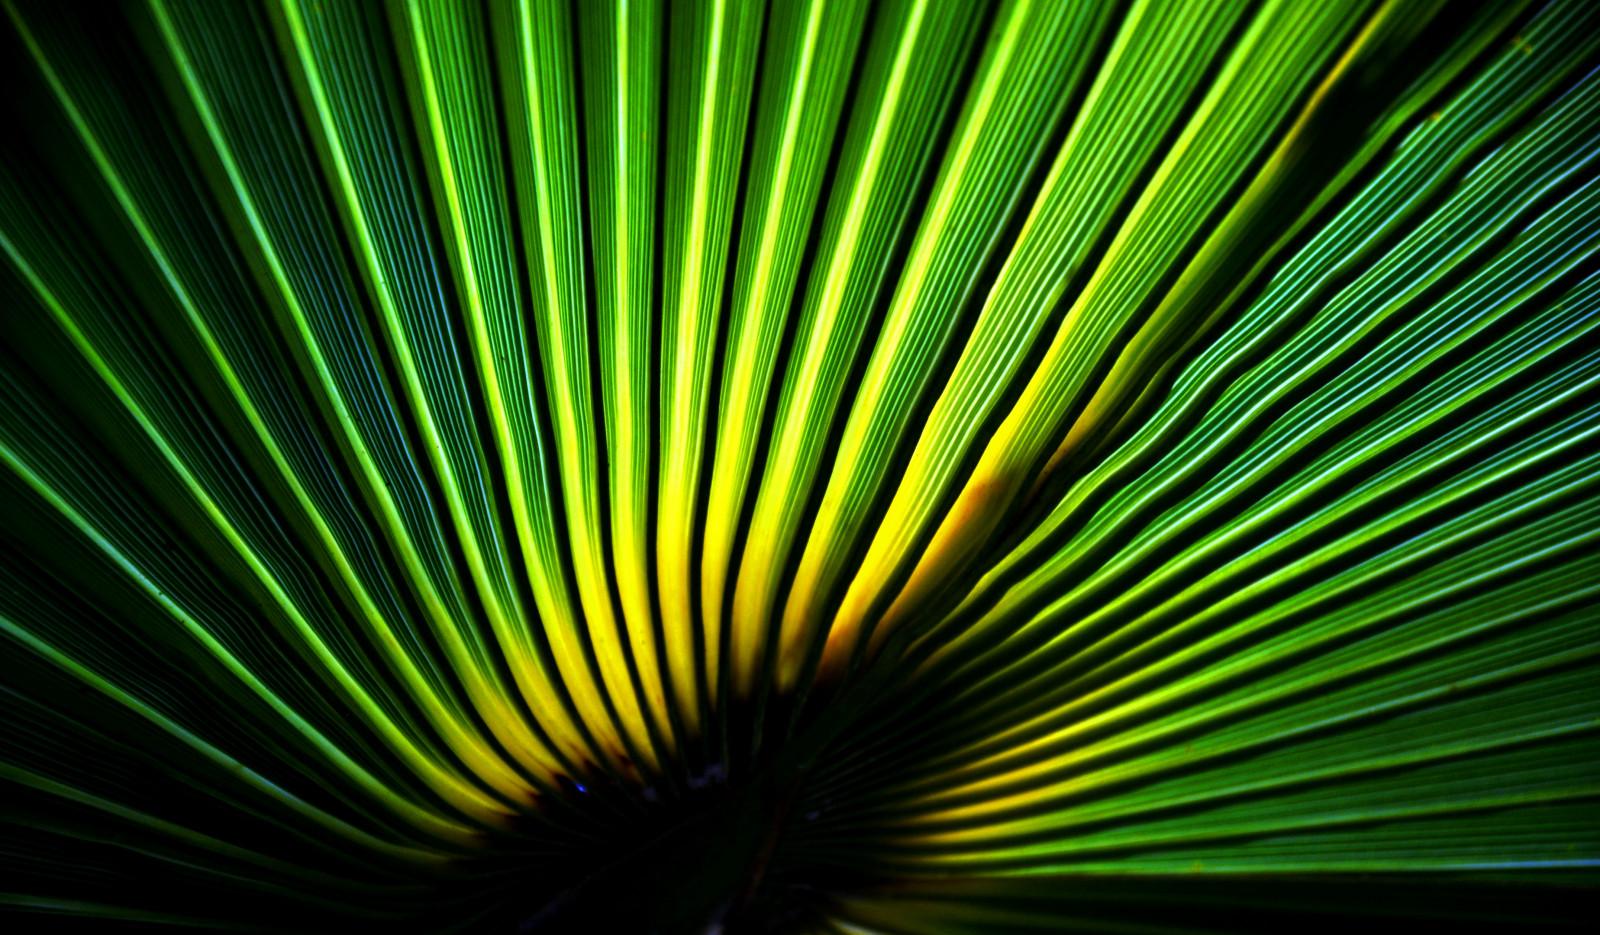 Fond d'écran : lumière du soleil, abstrait, vert, jaune ...